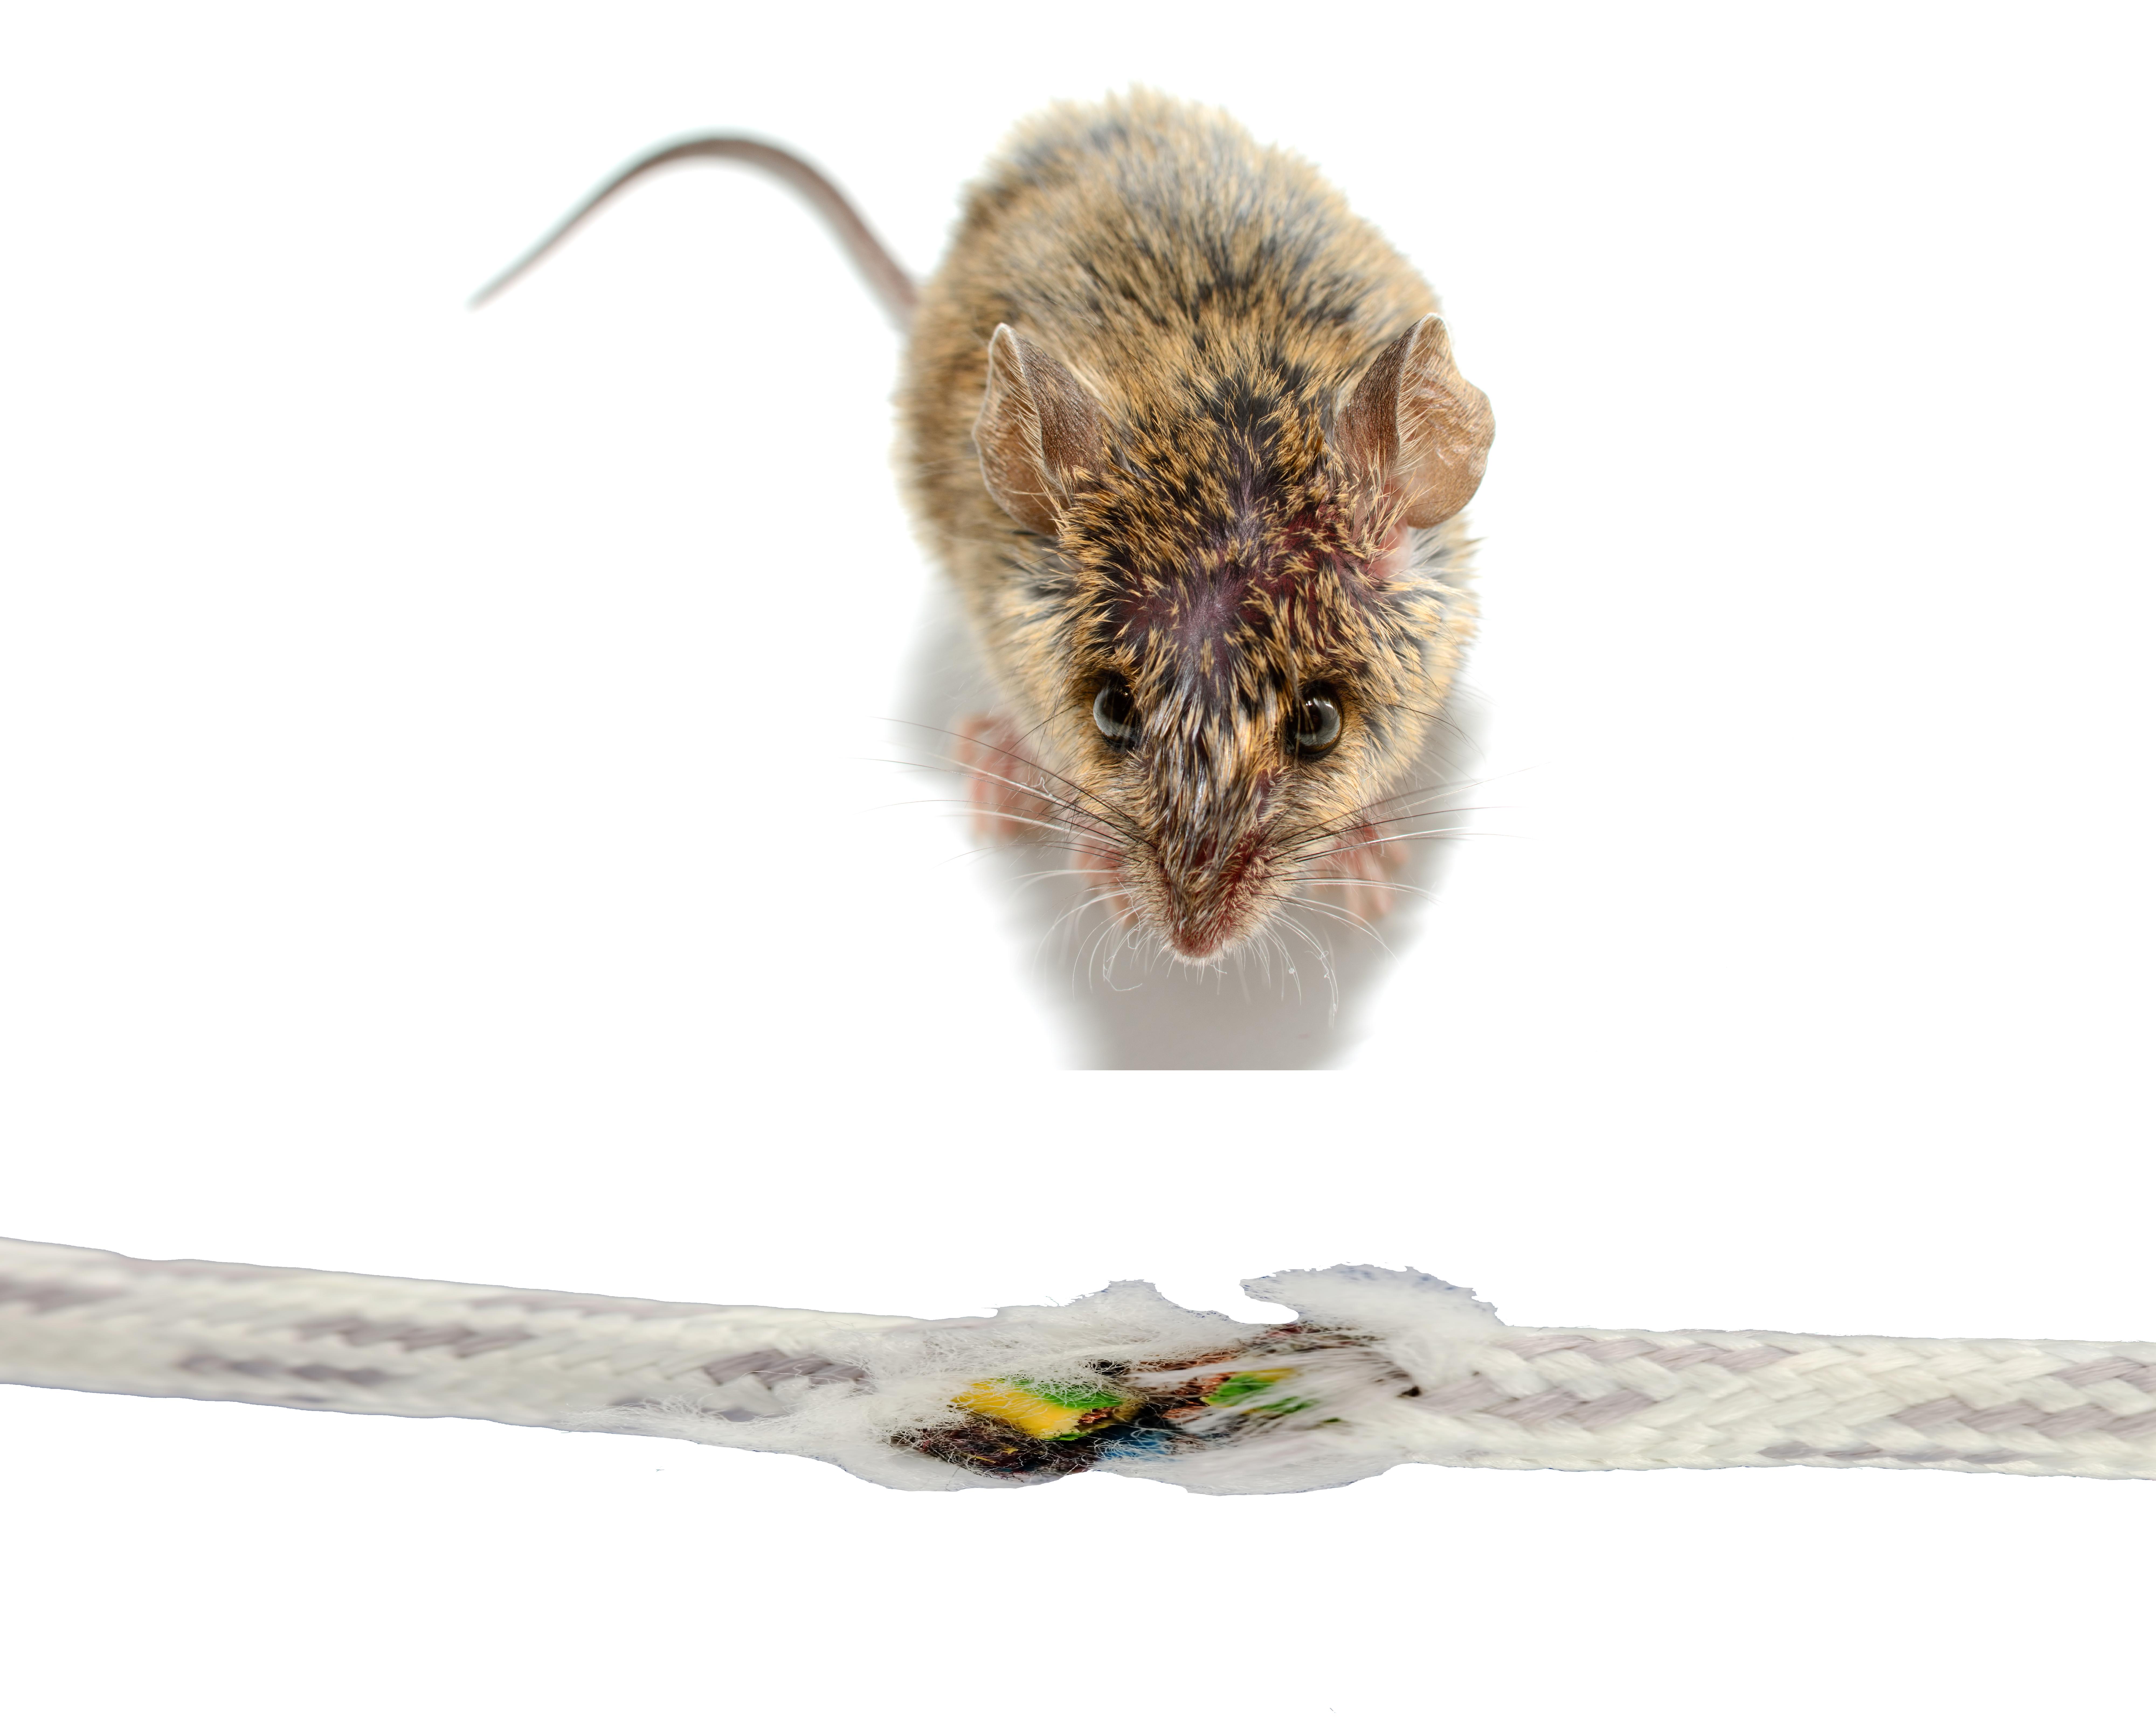 möss som äter av tråd och kabel